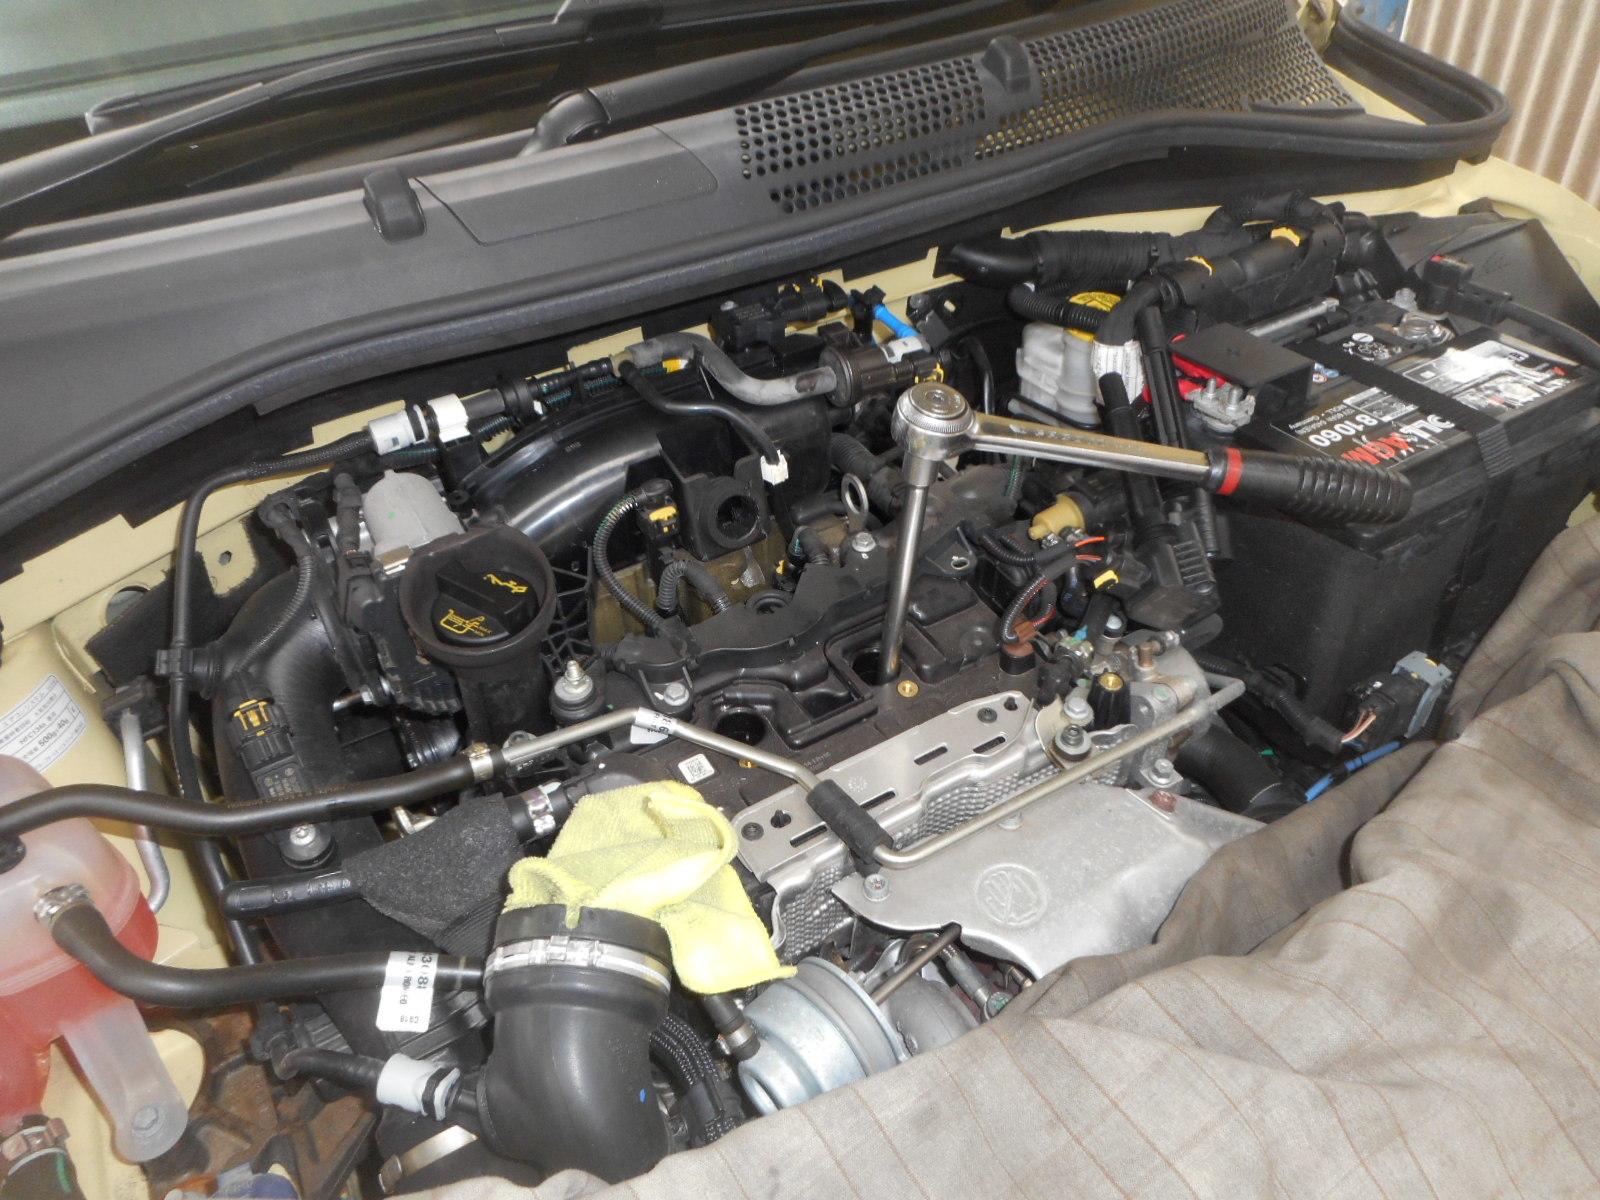 フィアット500 ツインエアー 納車車検整備_c0267693_15371413.jpg